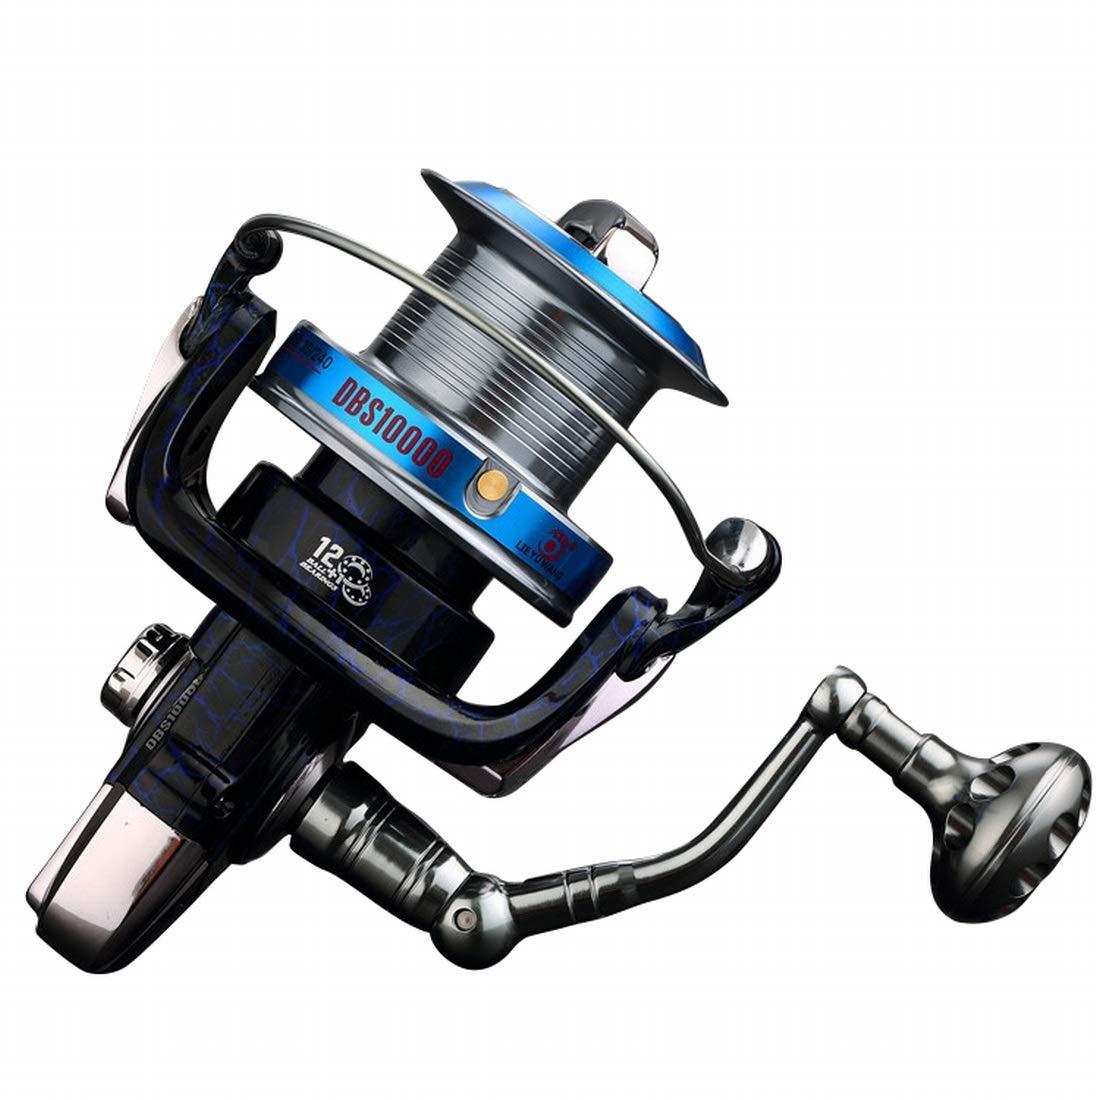 JIANFU 釣りホイールメタルフット座って10000リール釣りリールロングショットホイールアンカーフィッシュホイール釣りイカライン釣りギア (Specification : 10000) 10000  B07PKJRF44